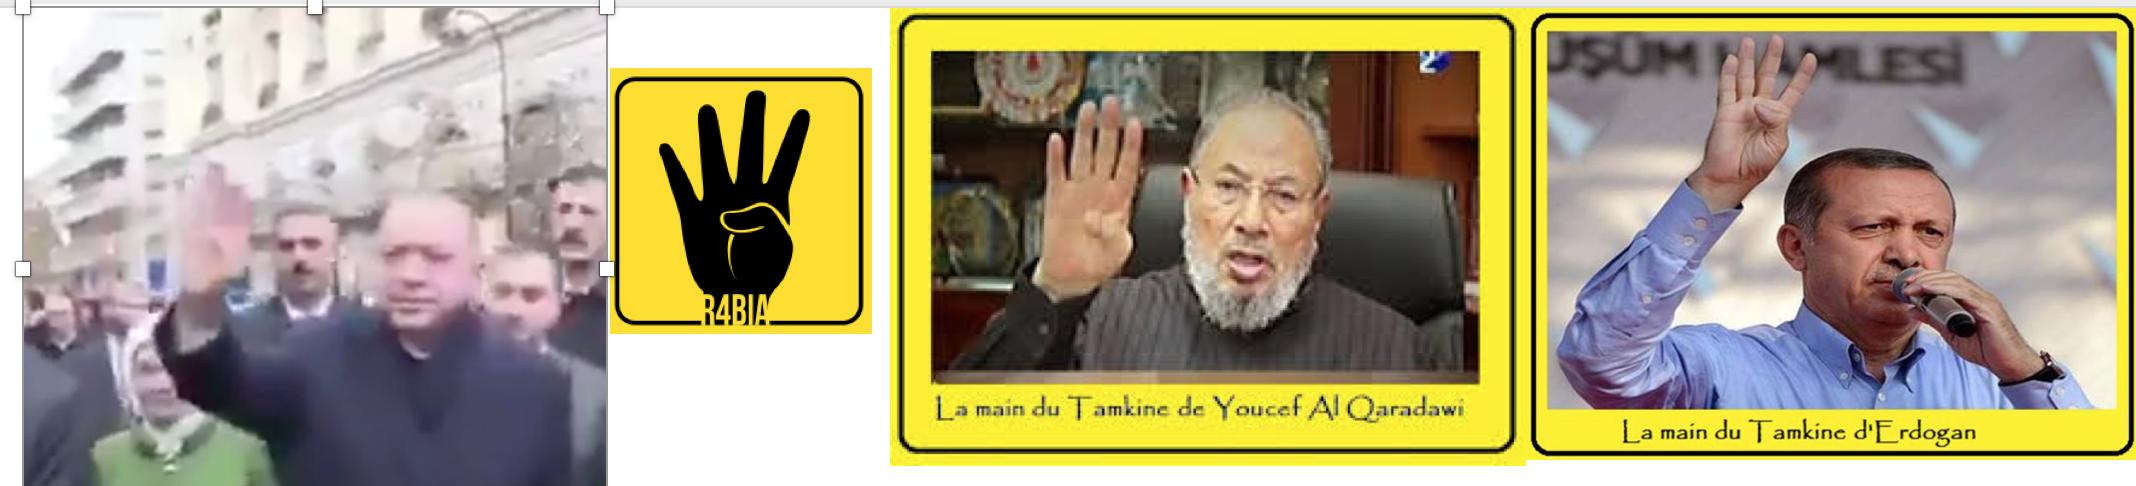 Erdogan fait tranquillement le salut des Frères Musulmans en plein Paris !